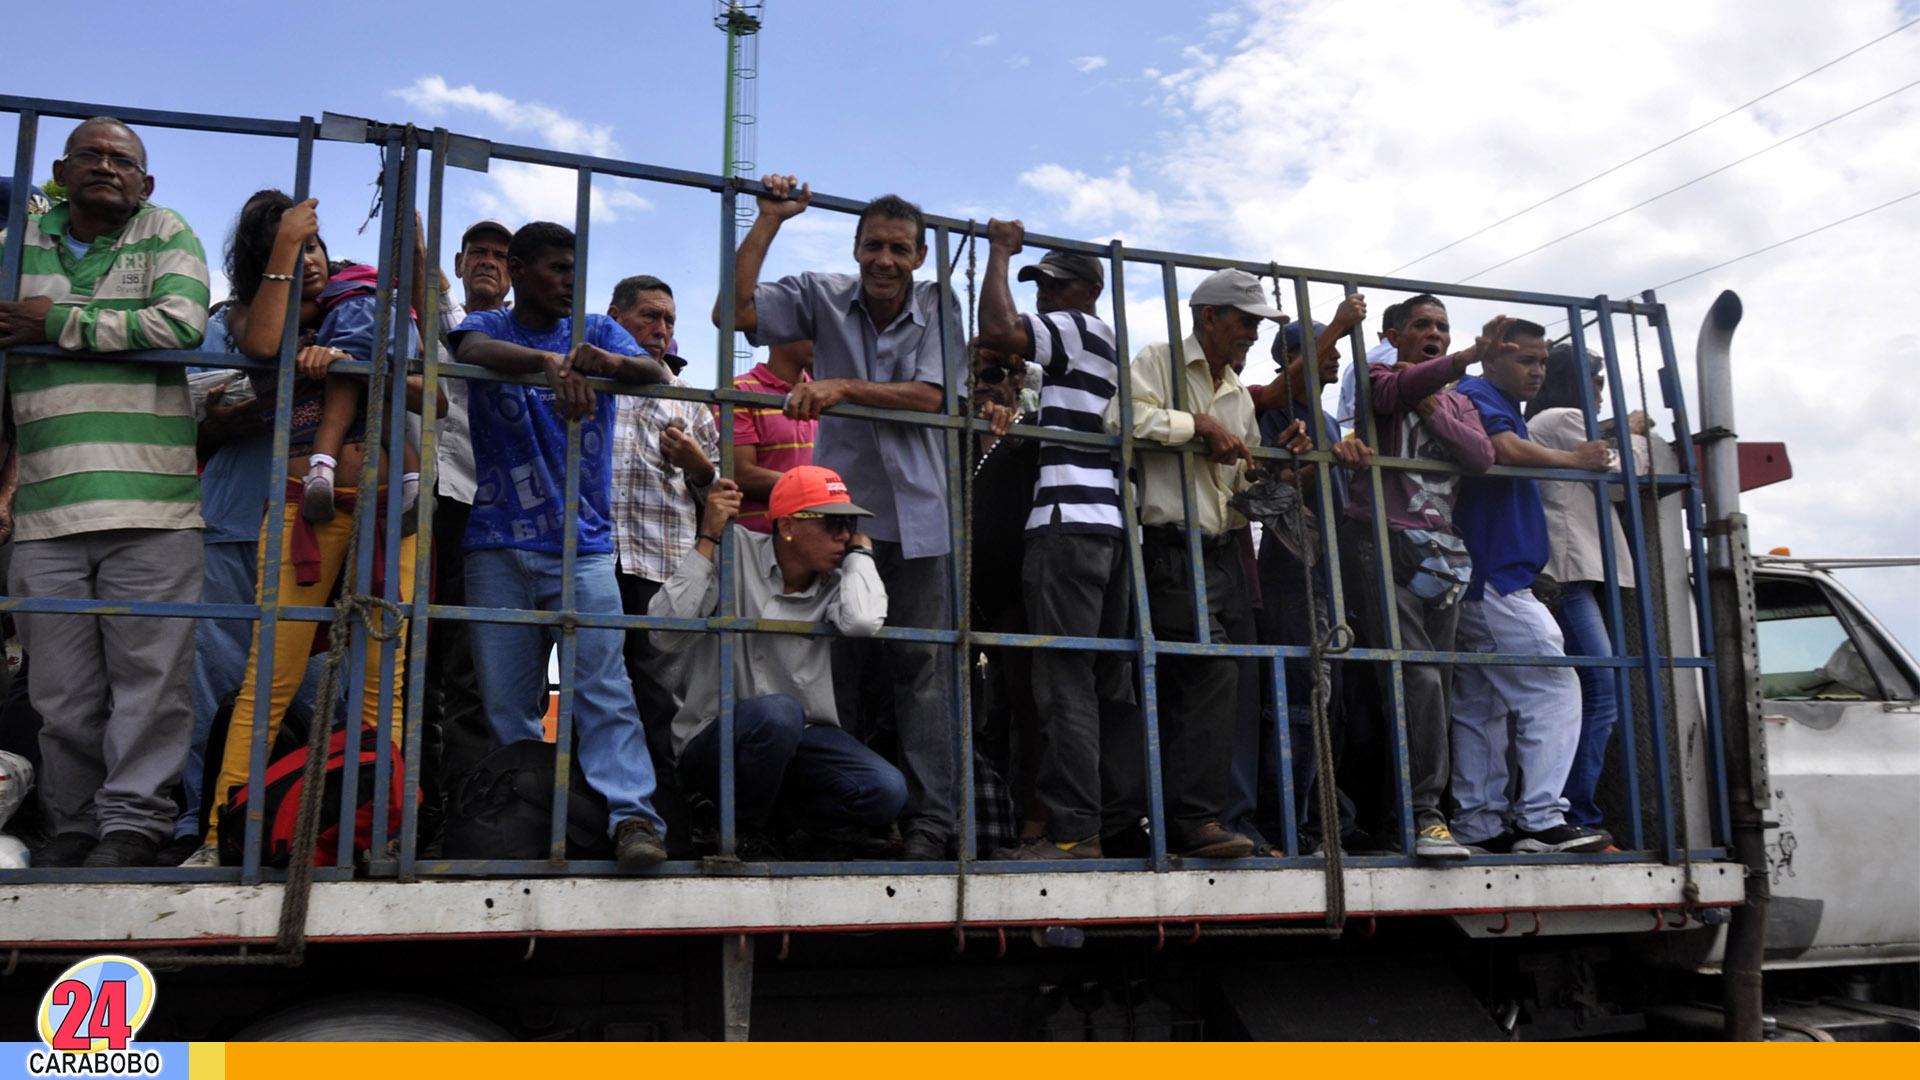 Noticias de Carabobo, Transporte de Güigüe, Central Tacarigua, Las Tres Cruces, Pared de Piedra, Belén, Noticias24Carabobo, 23 de Septiembre